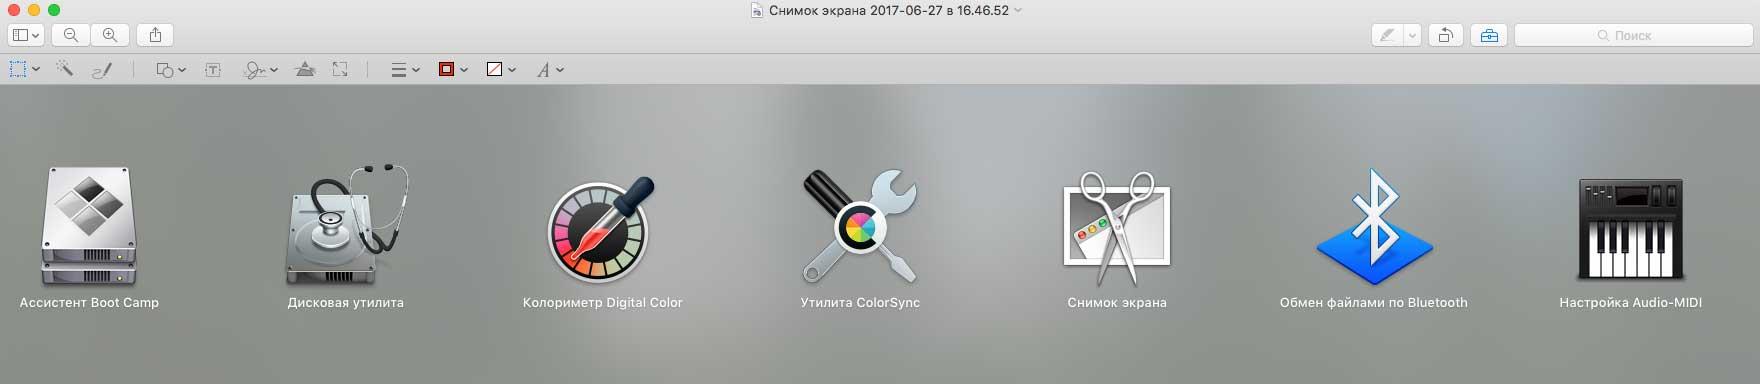 Macbook запись с экрана